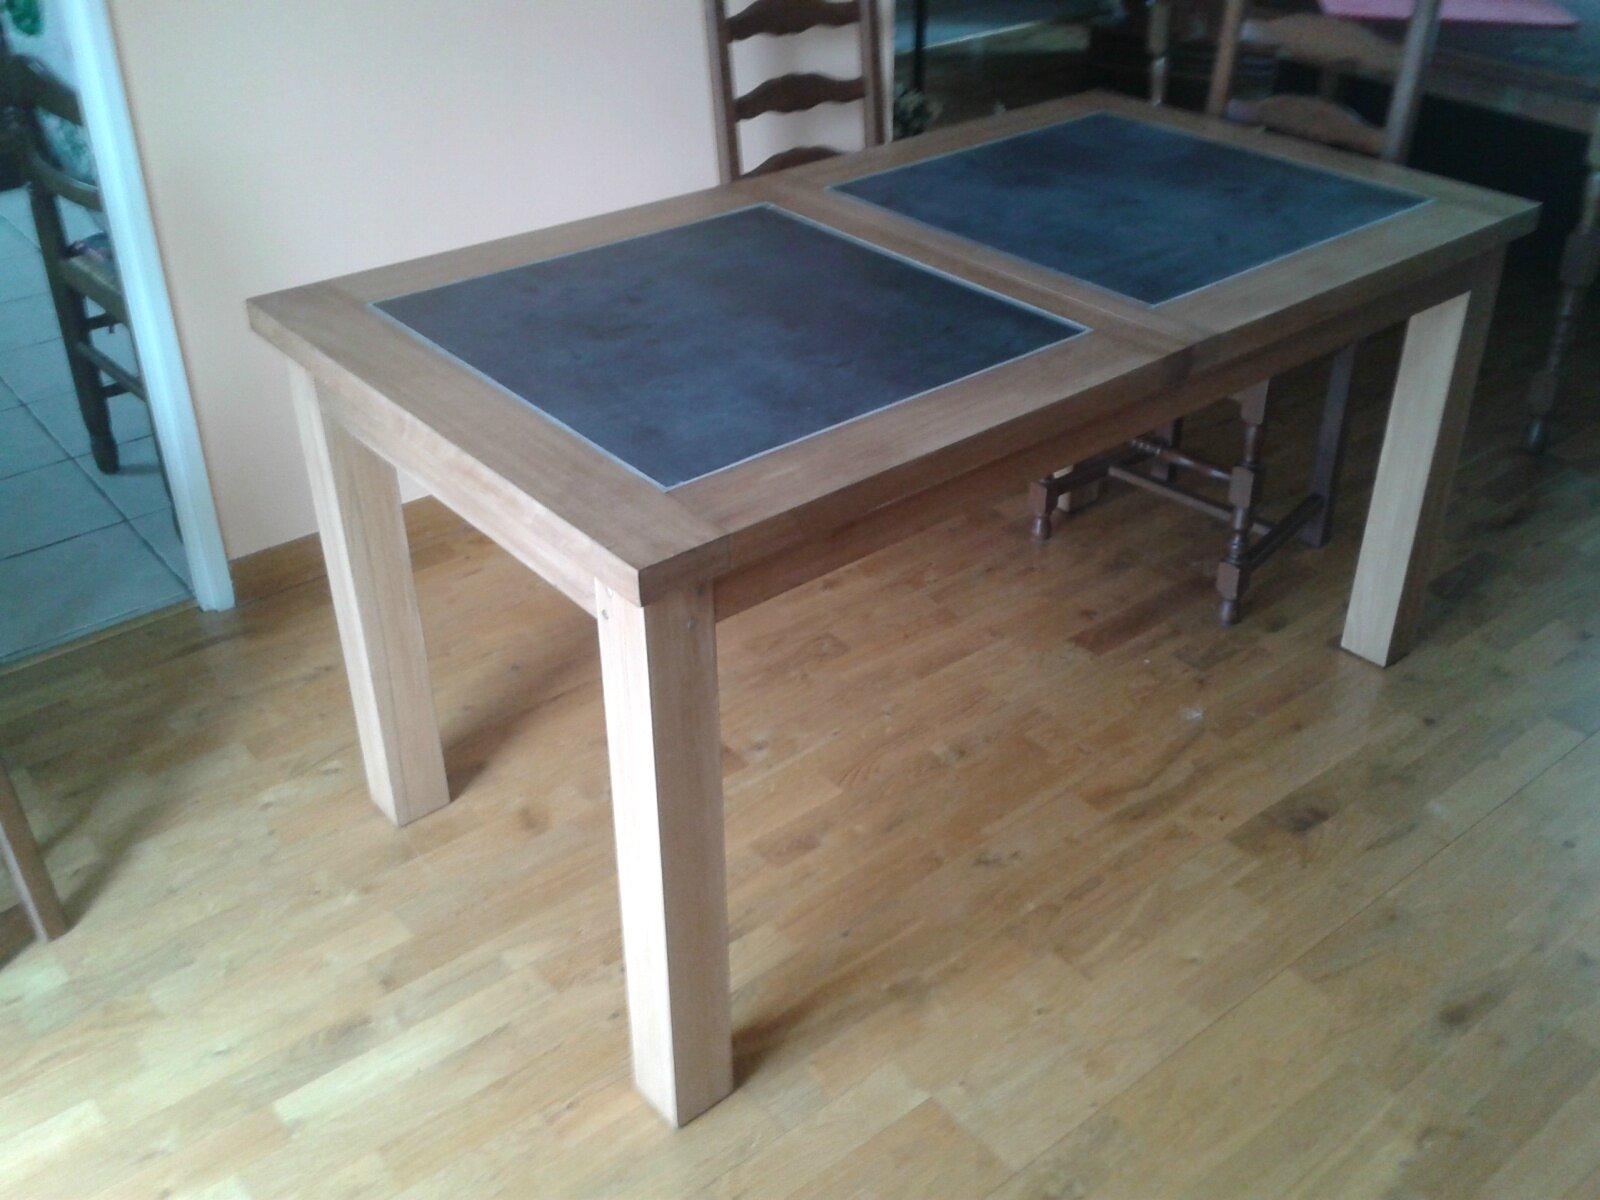 Table rallonges dessus c ramique grenouille la d brouille for Fabriquer table extensible